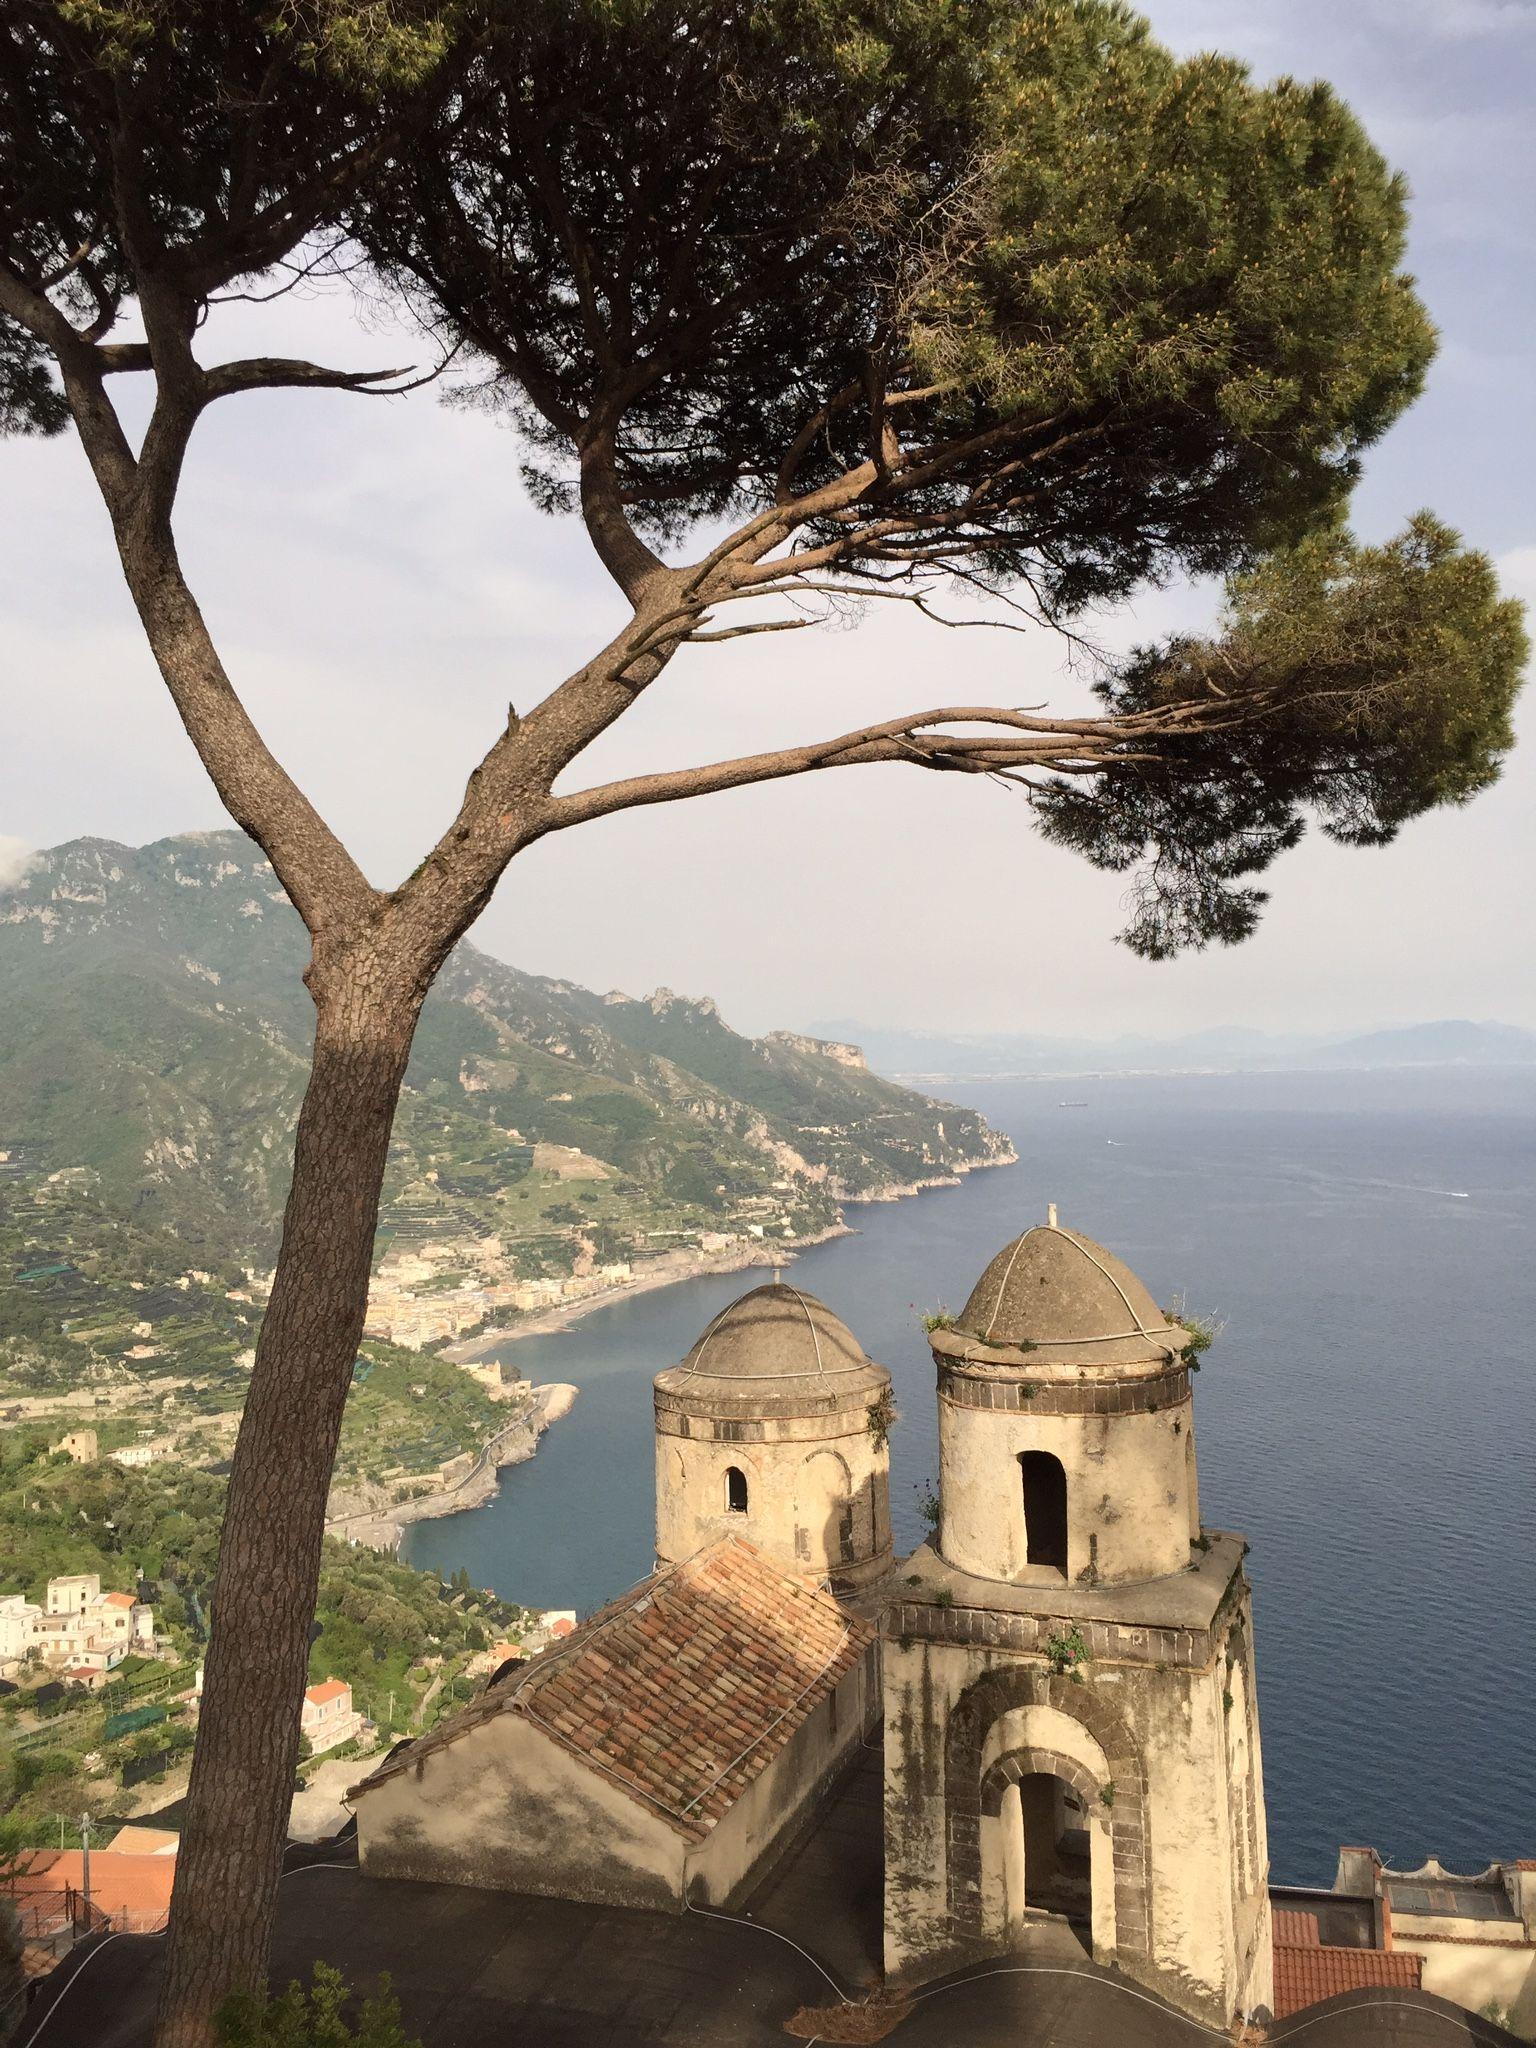 Lollipop pines in Italy